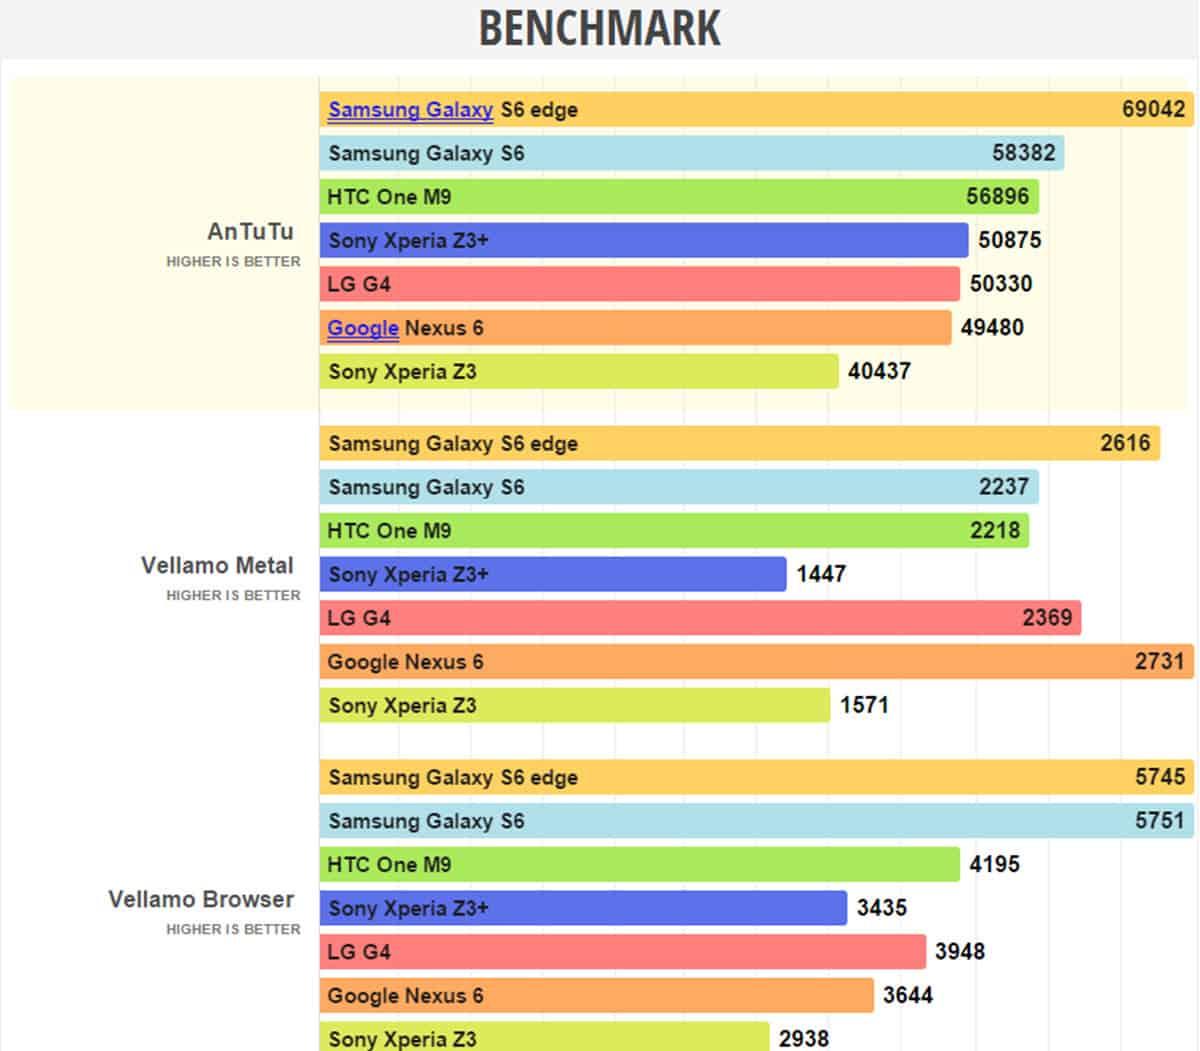 Sony-Xperia-Z3-Benchmarks مراجعة Sony Xperia Z3+: هذا هو إكسبيريا زد 4